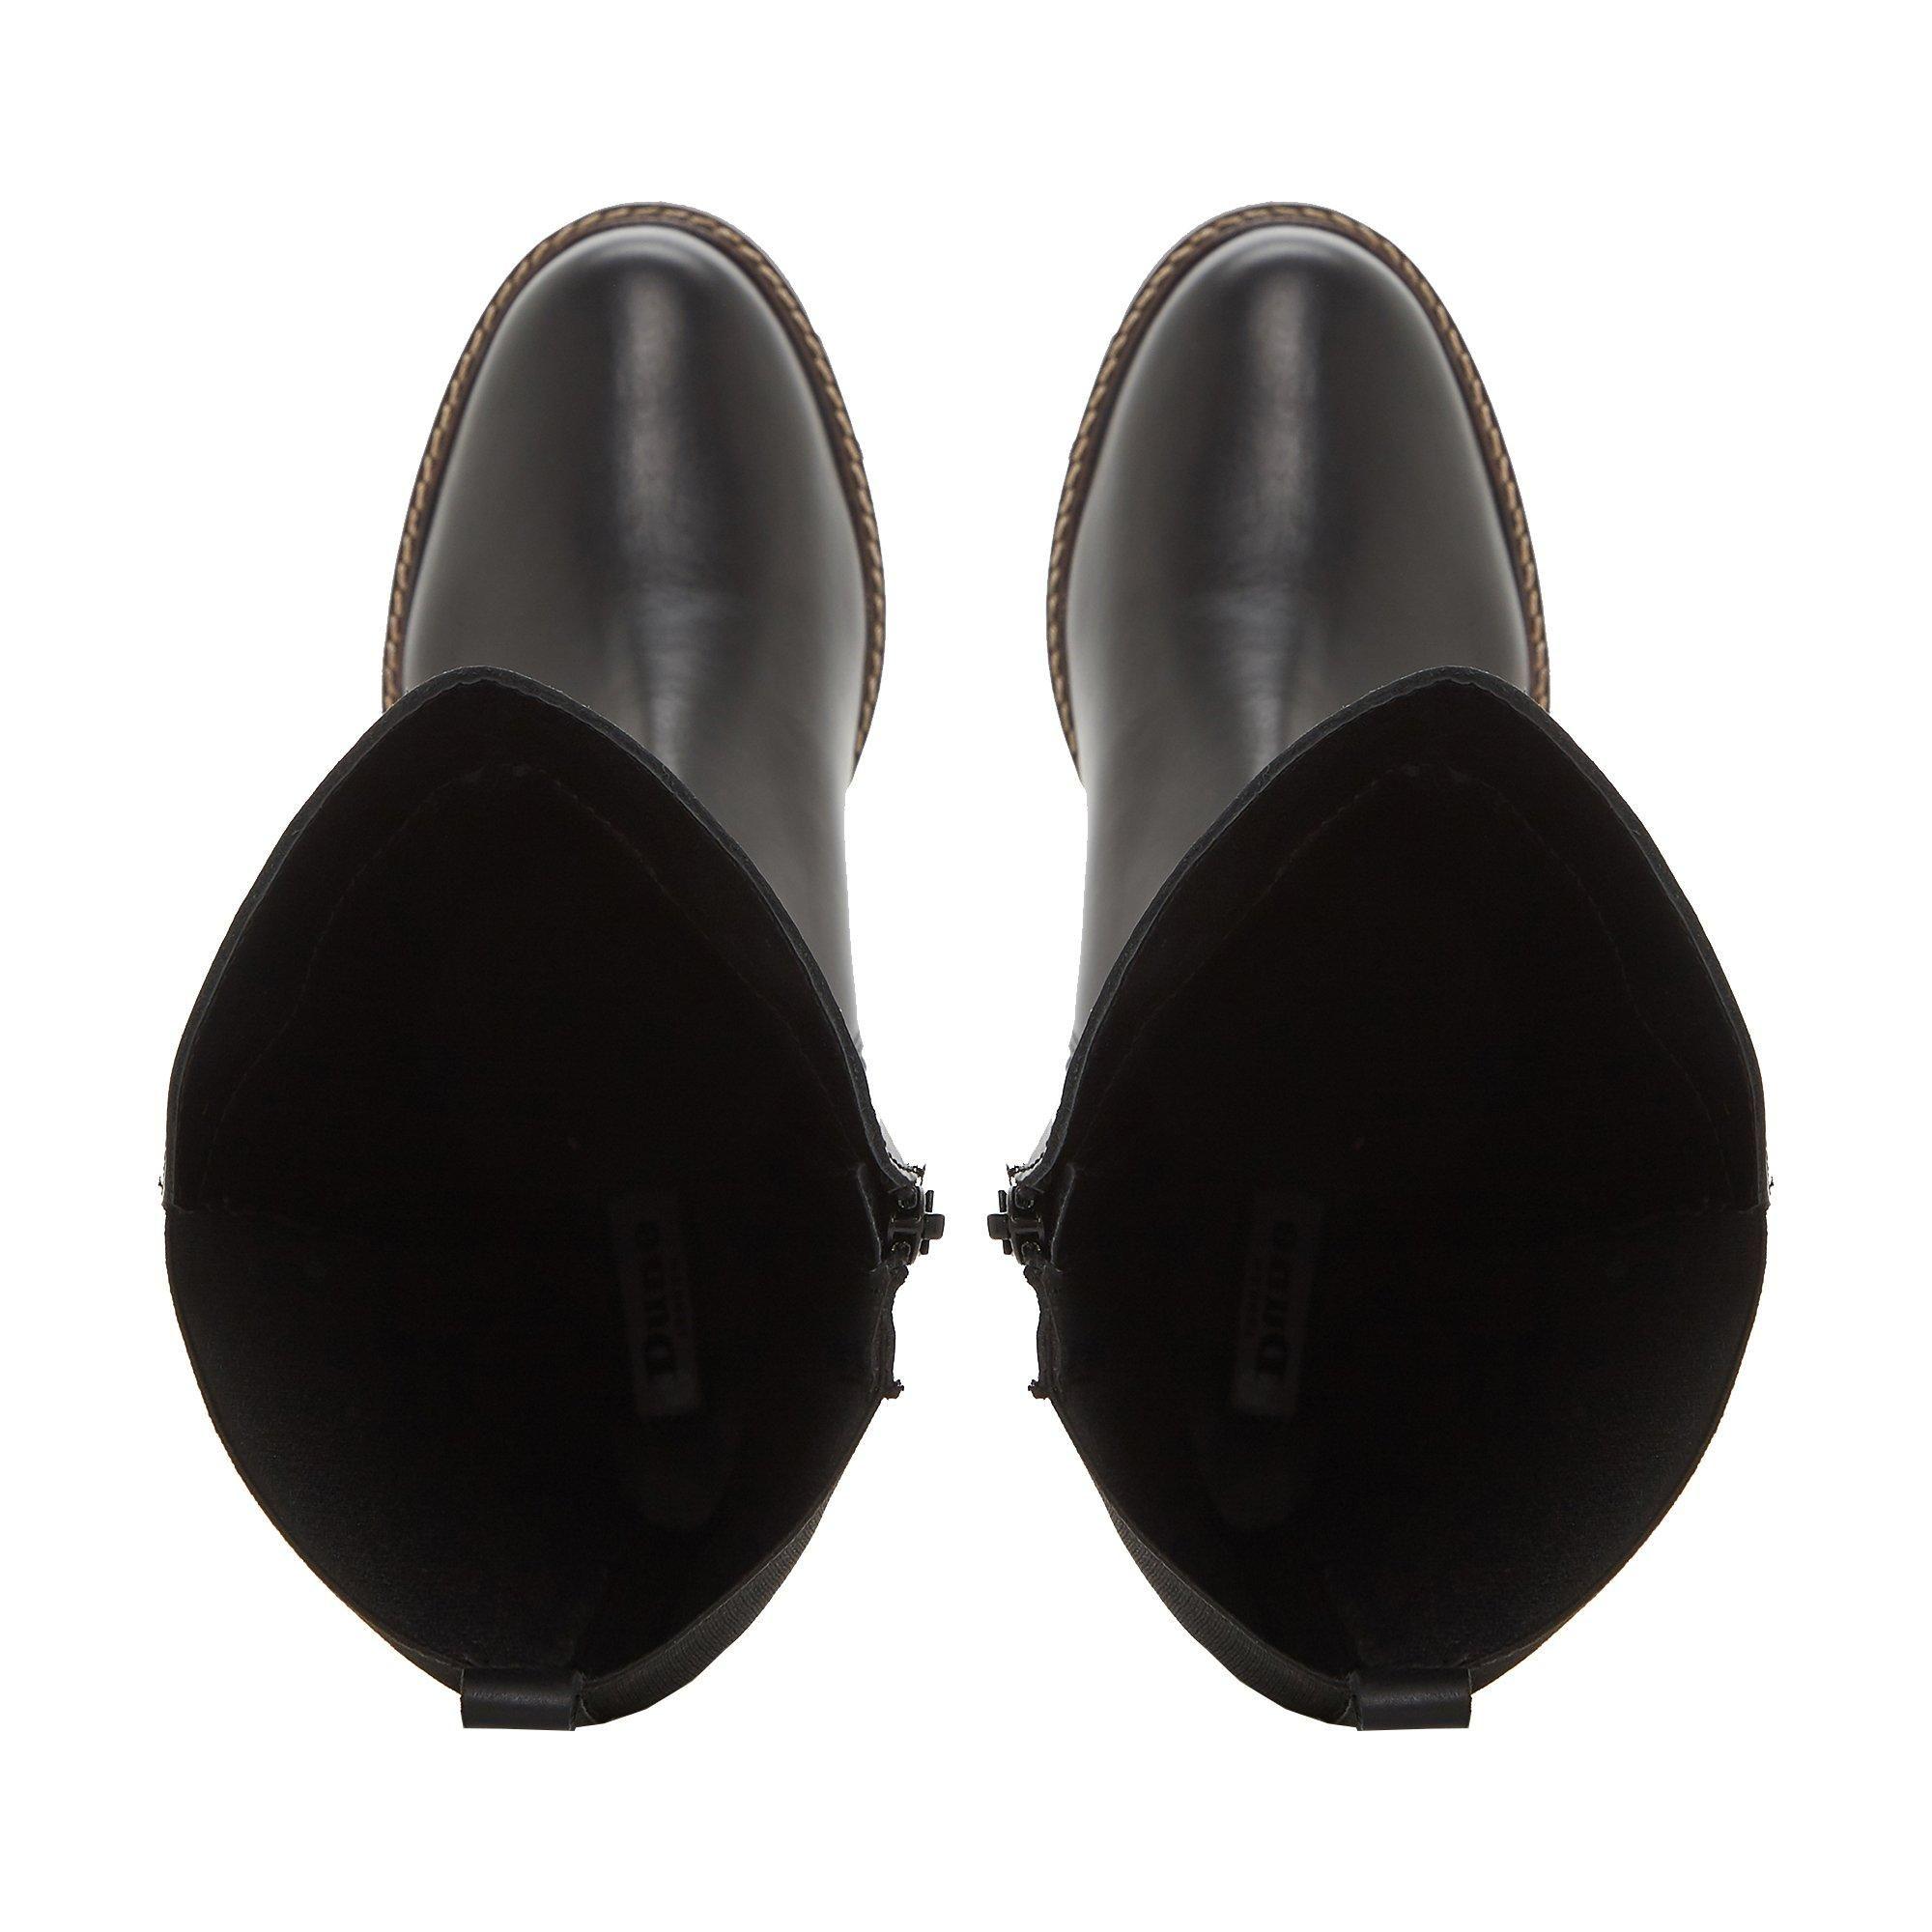 Dune Ladies TAMERA Buckle Detail Knee High Boots